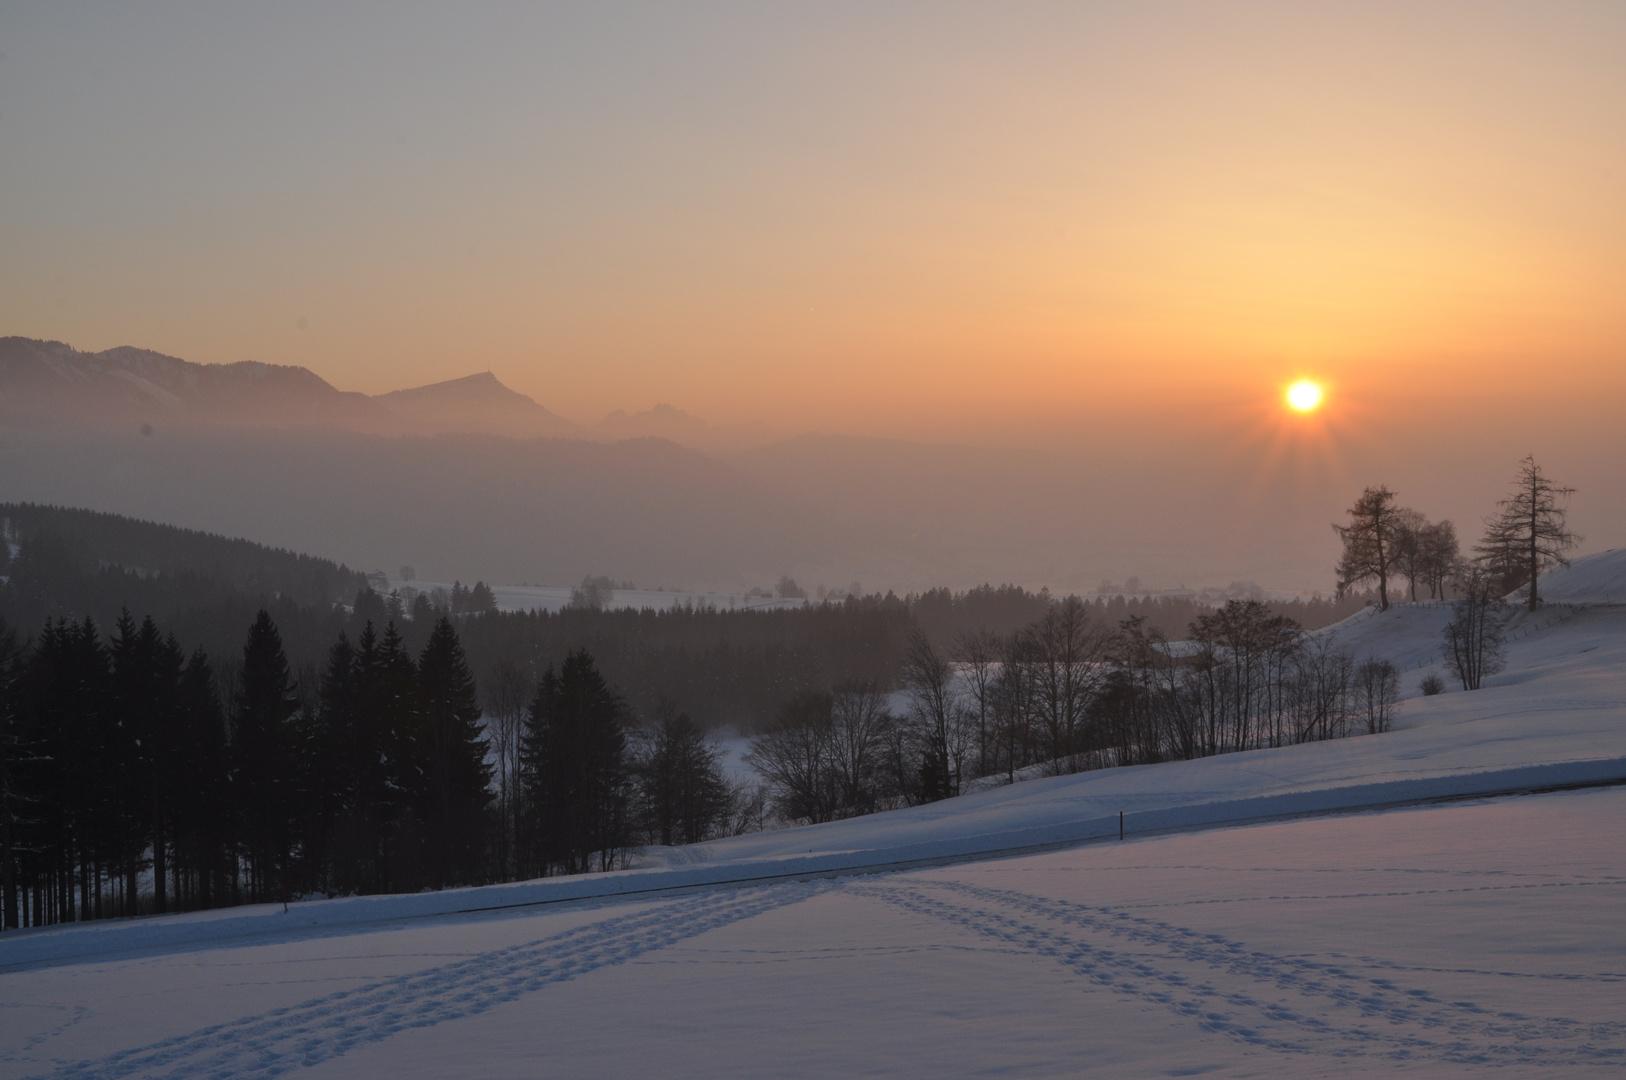 Das letzte Winterbild.